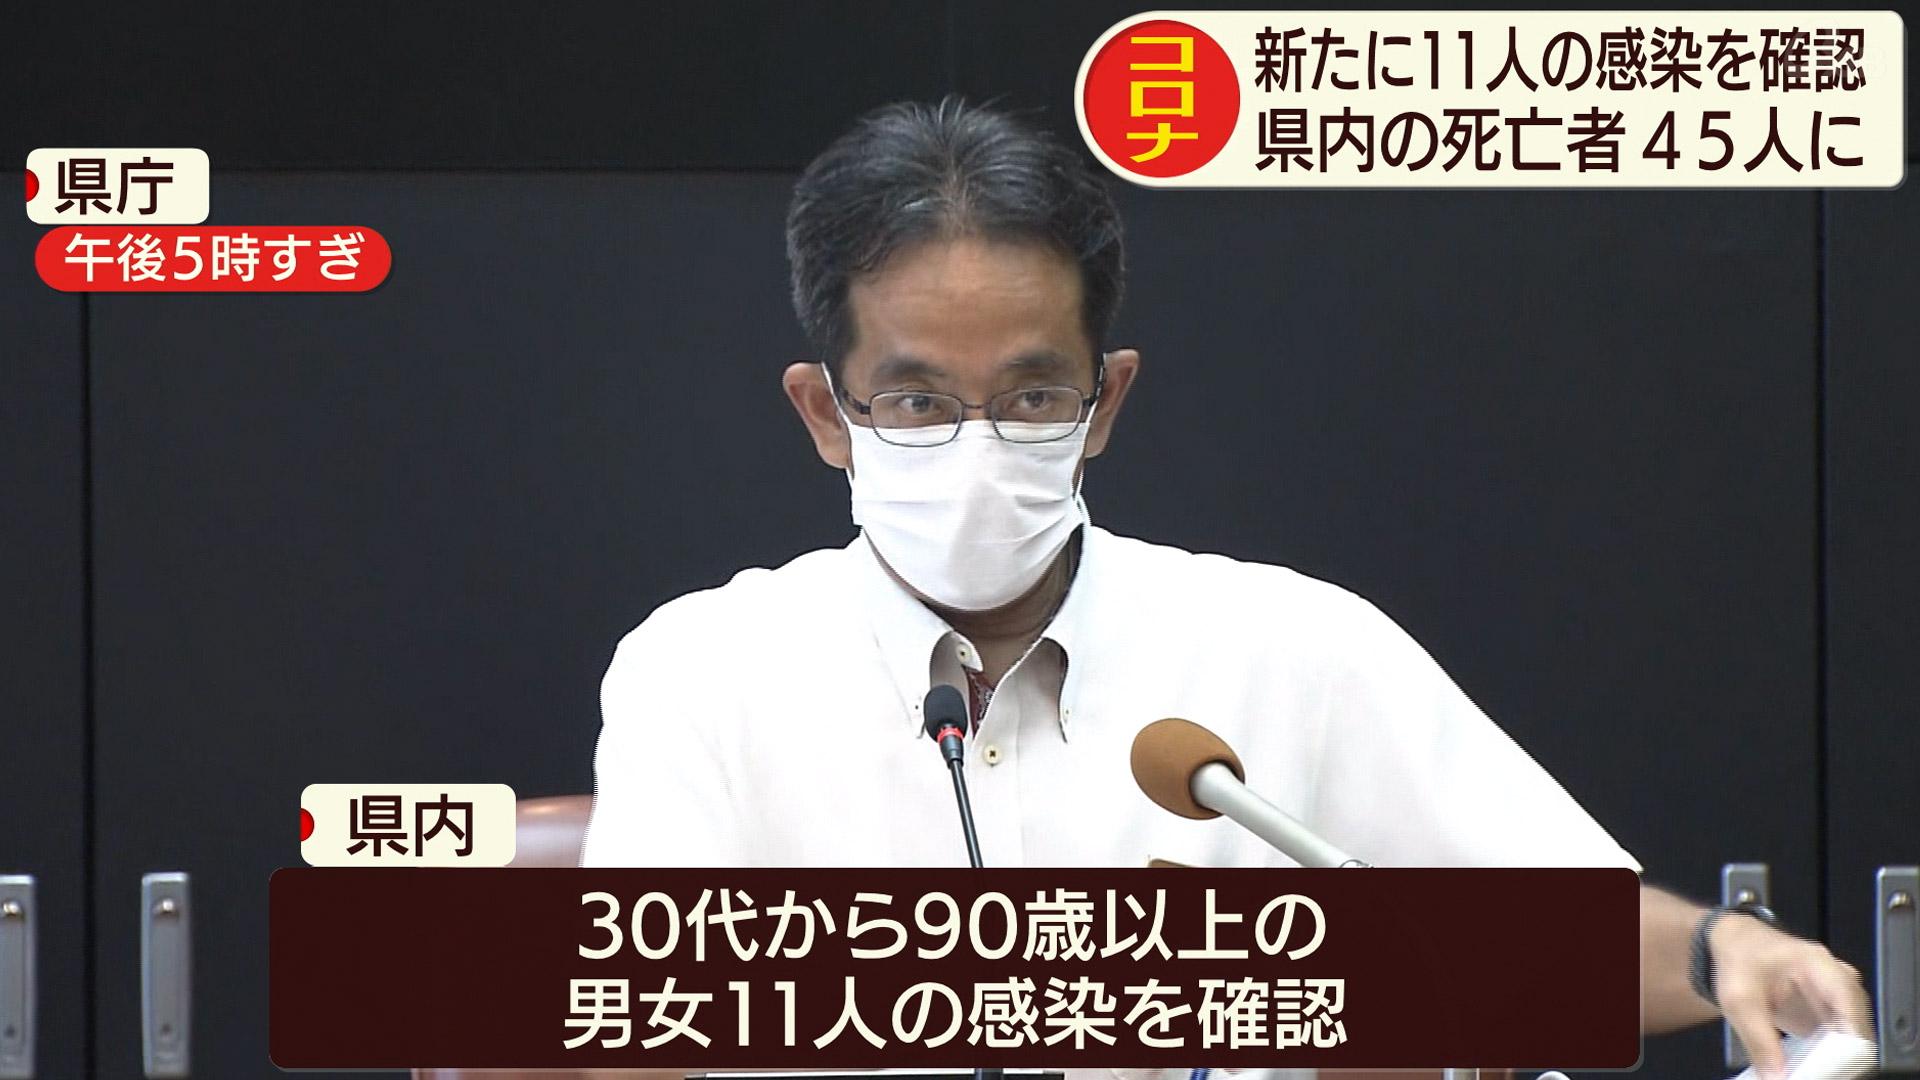 新型コロナ 新たに11人感染確認 4人が死亡